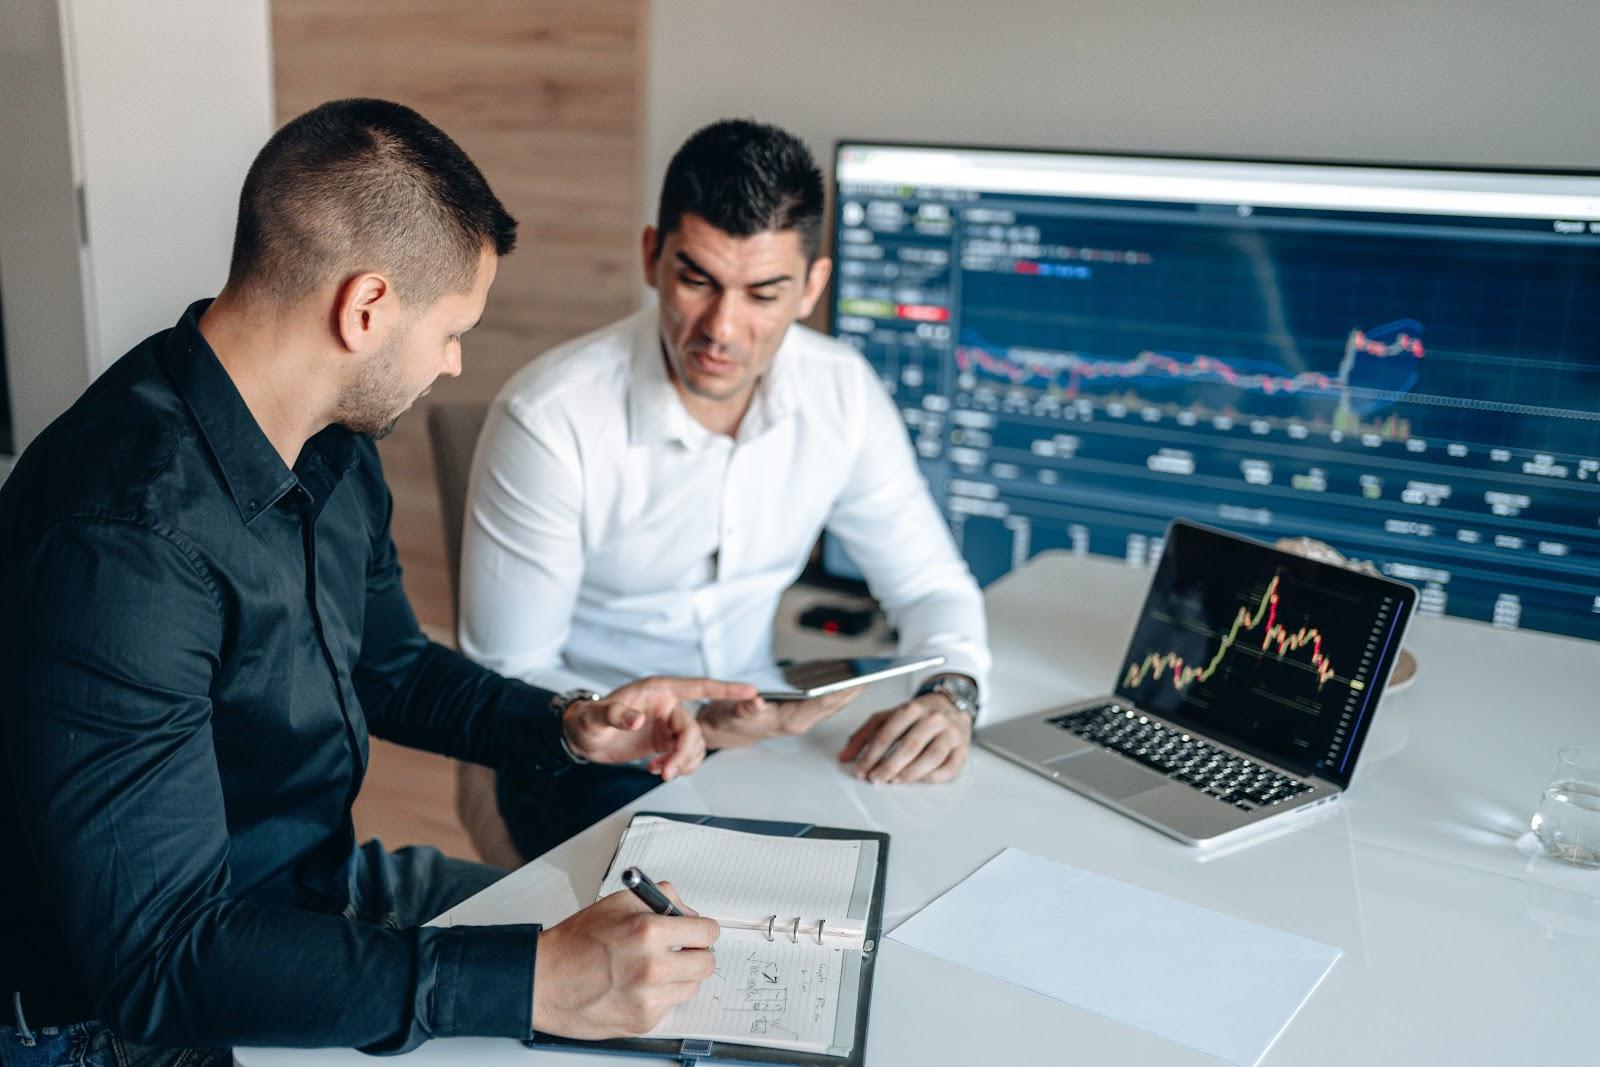 Digital Marketing  Career as an SEO specialist or SEO executive